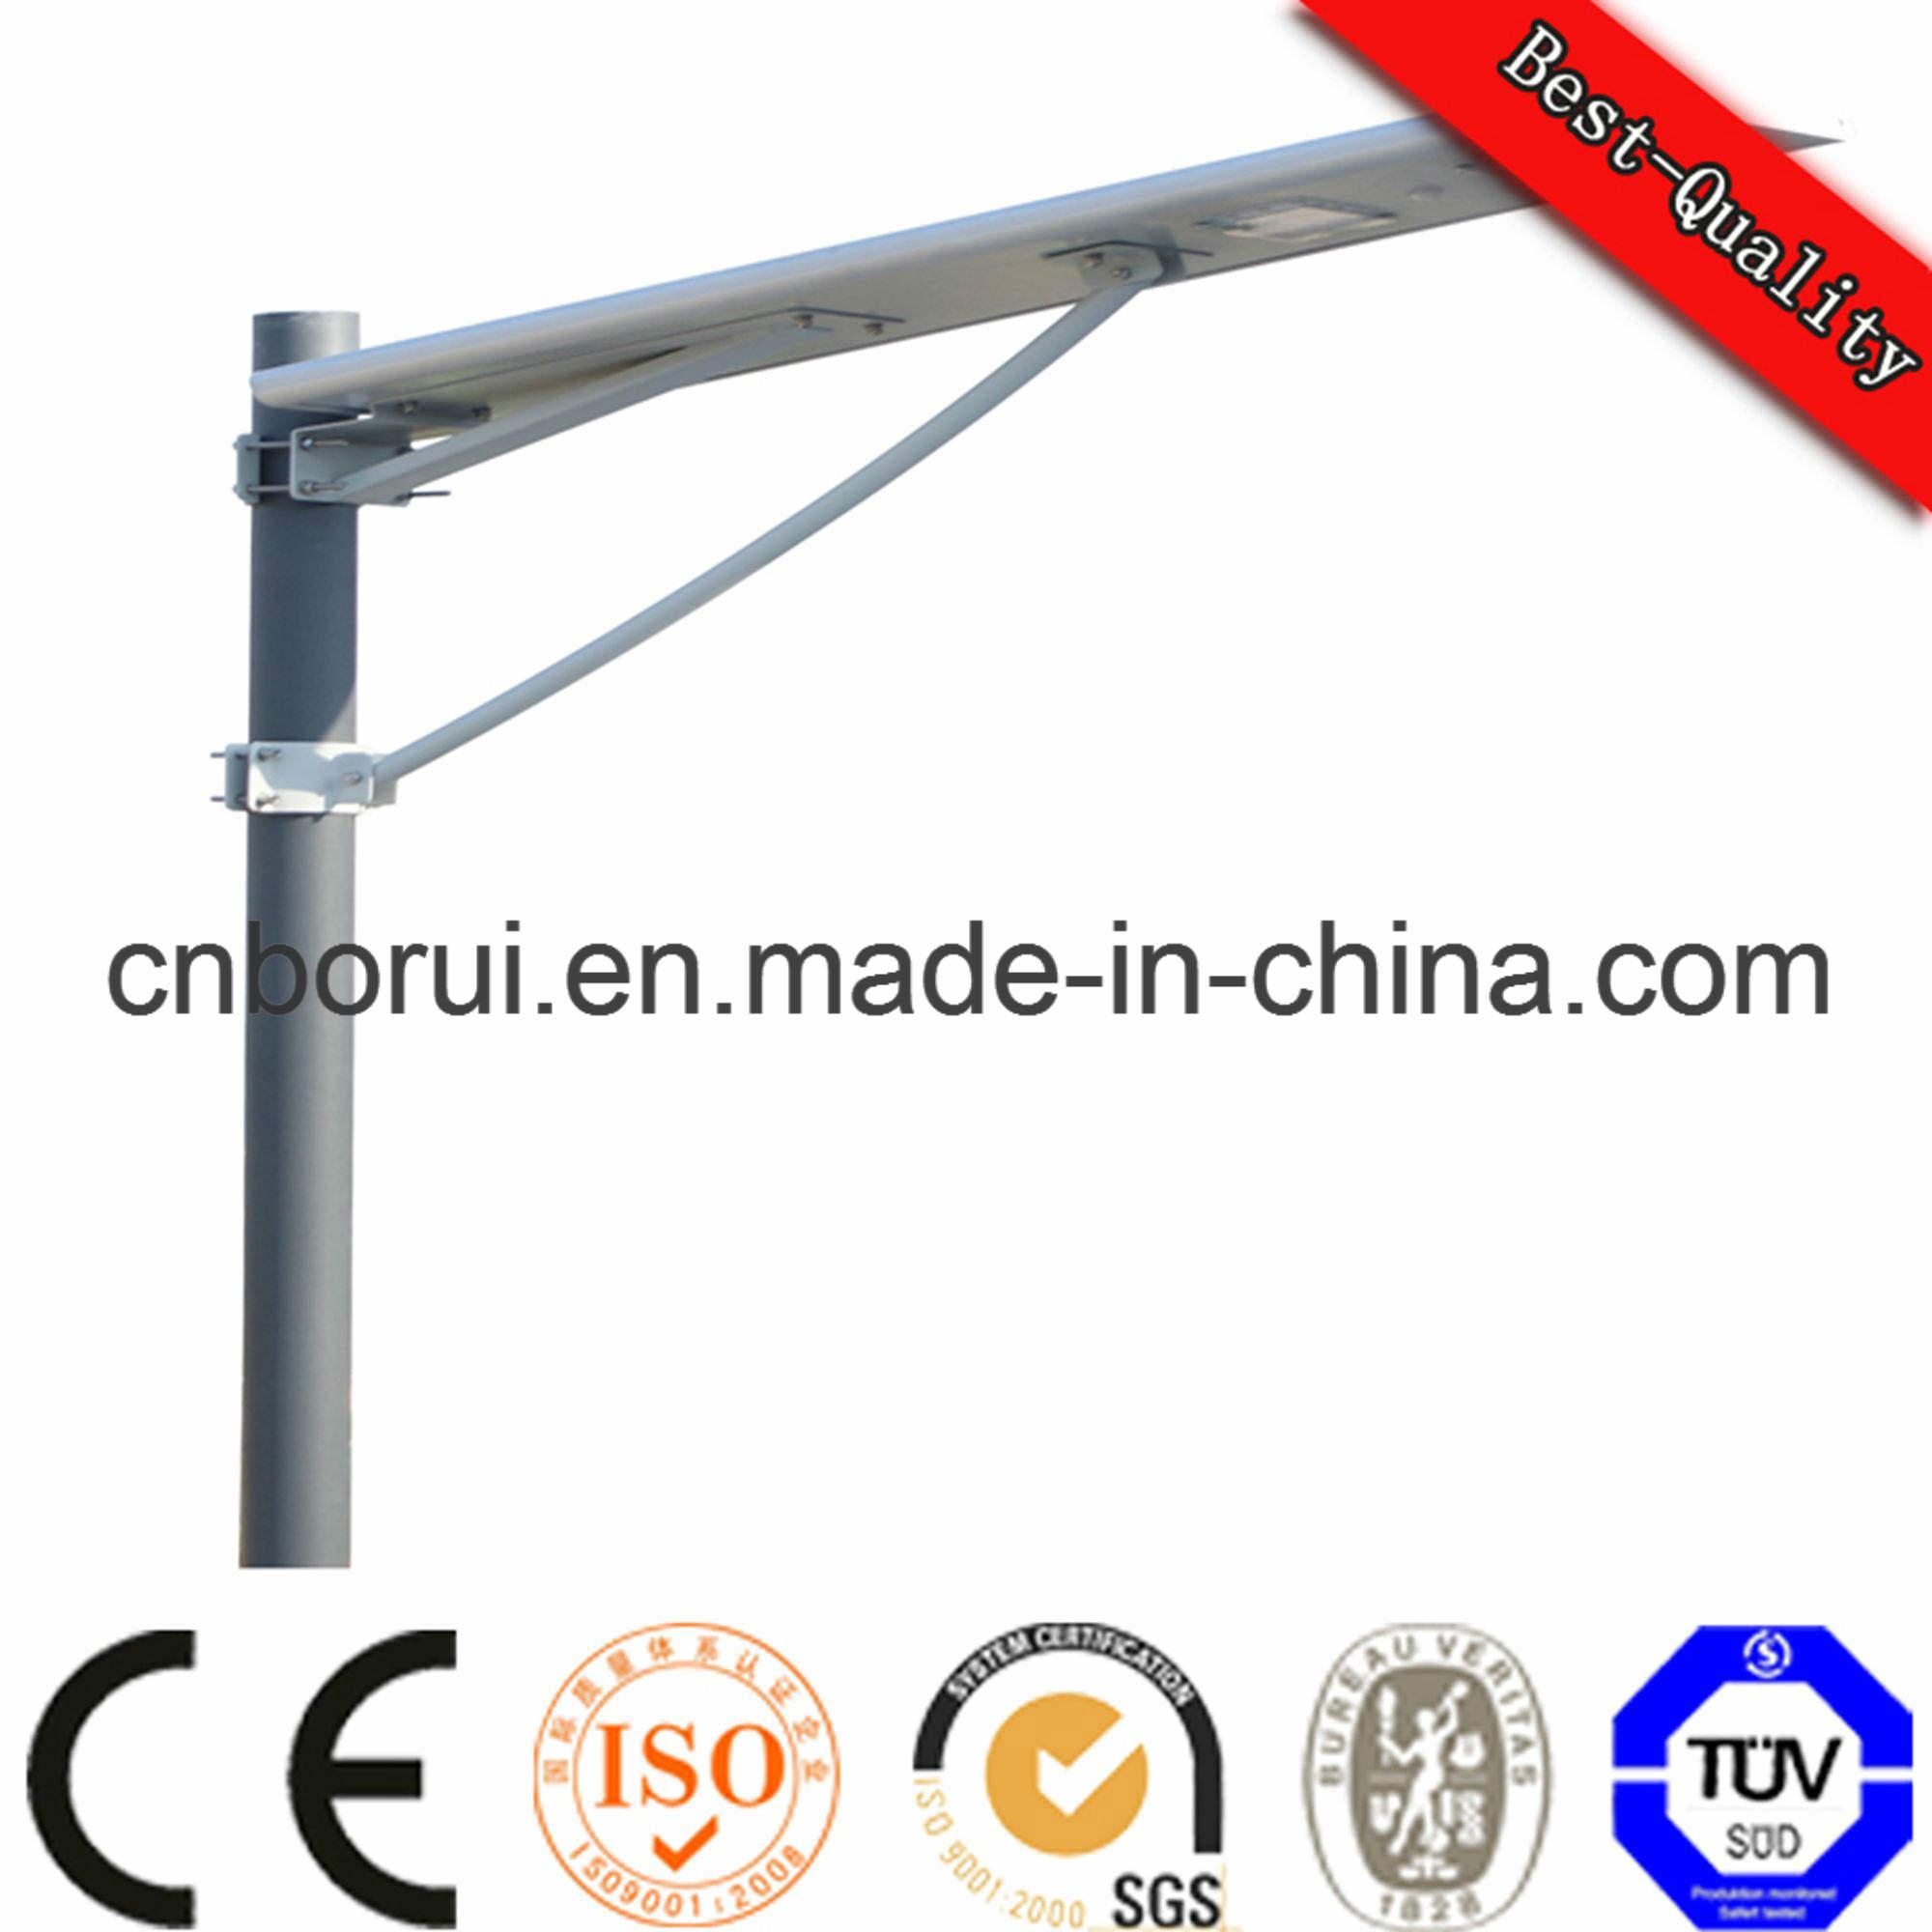 01 Hot Sale30W 40W 100W 80W 60W 50W 25W 15W 12V 12W IP65 3 Years Warranty Integrated LED Solar Street Light